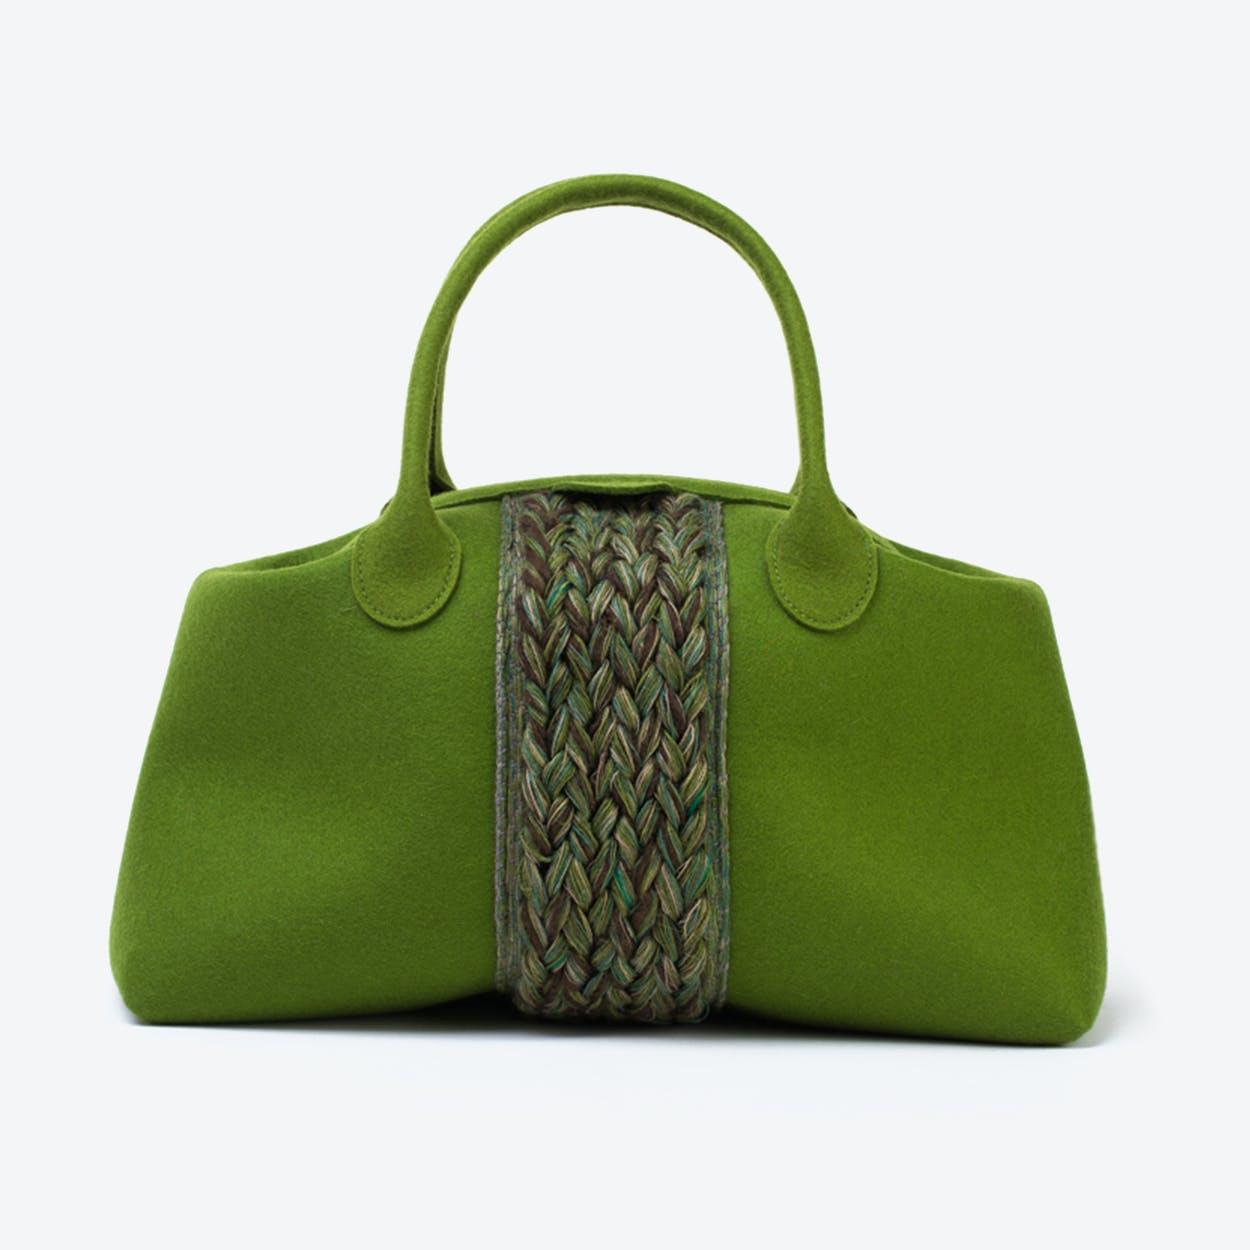 Plait Bag in Olive Green